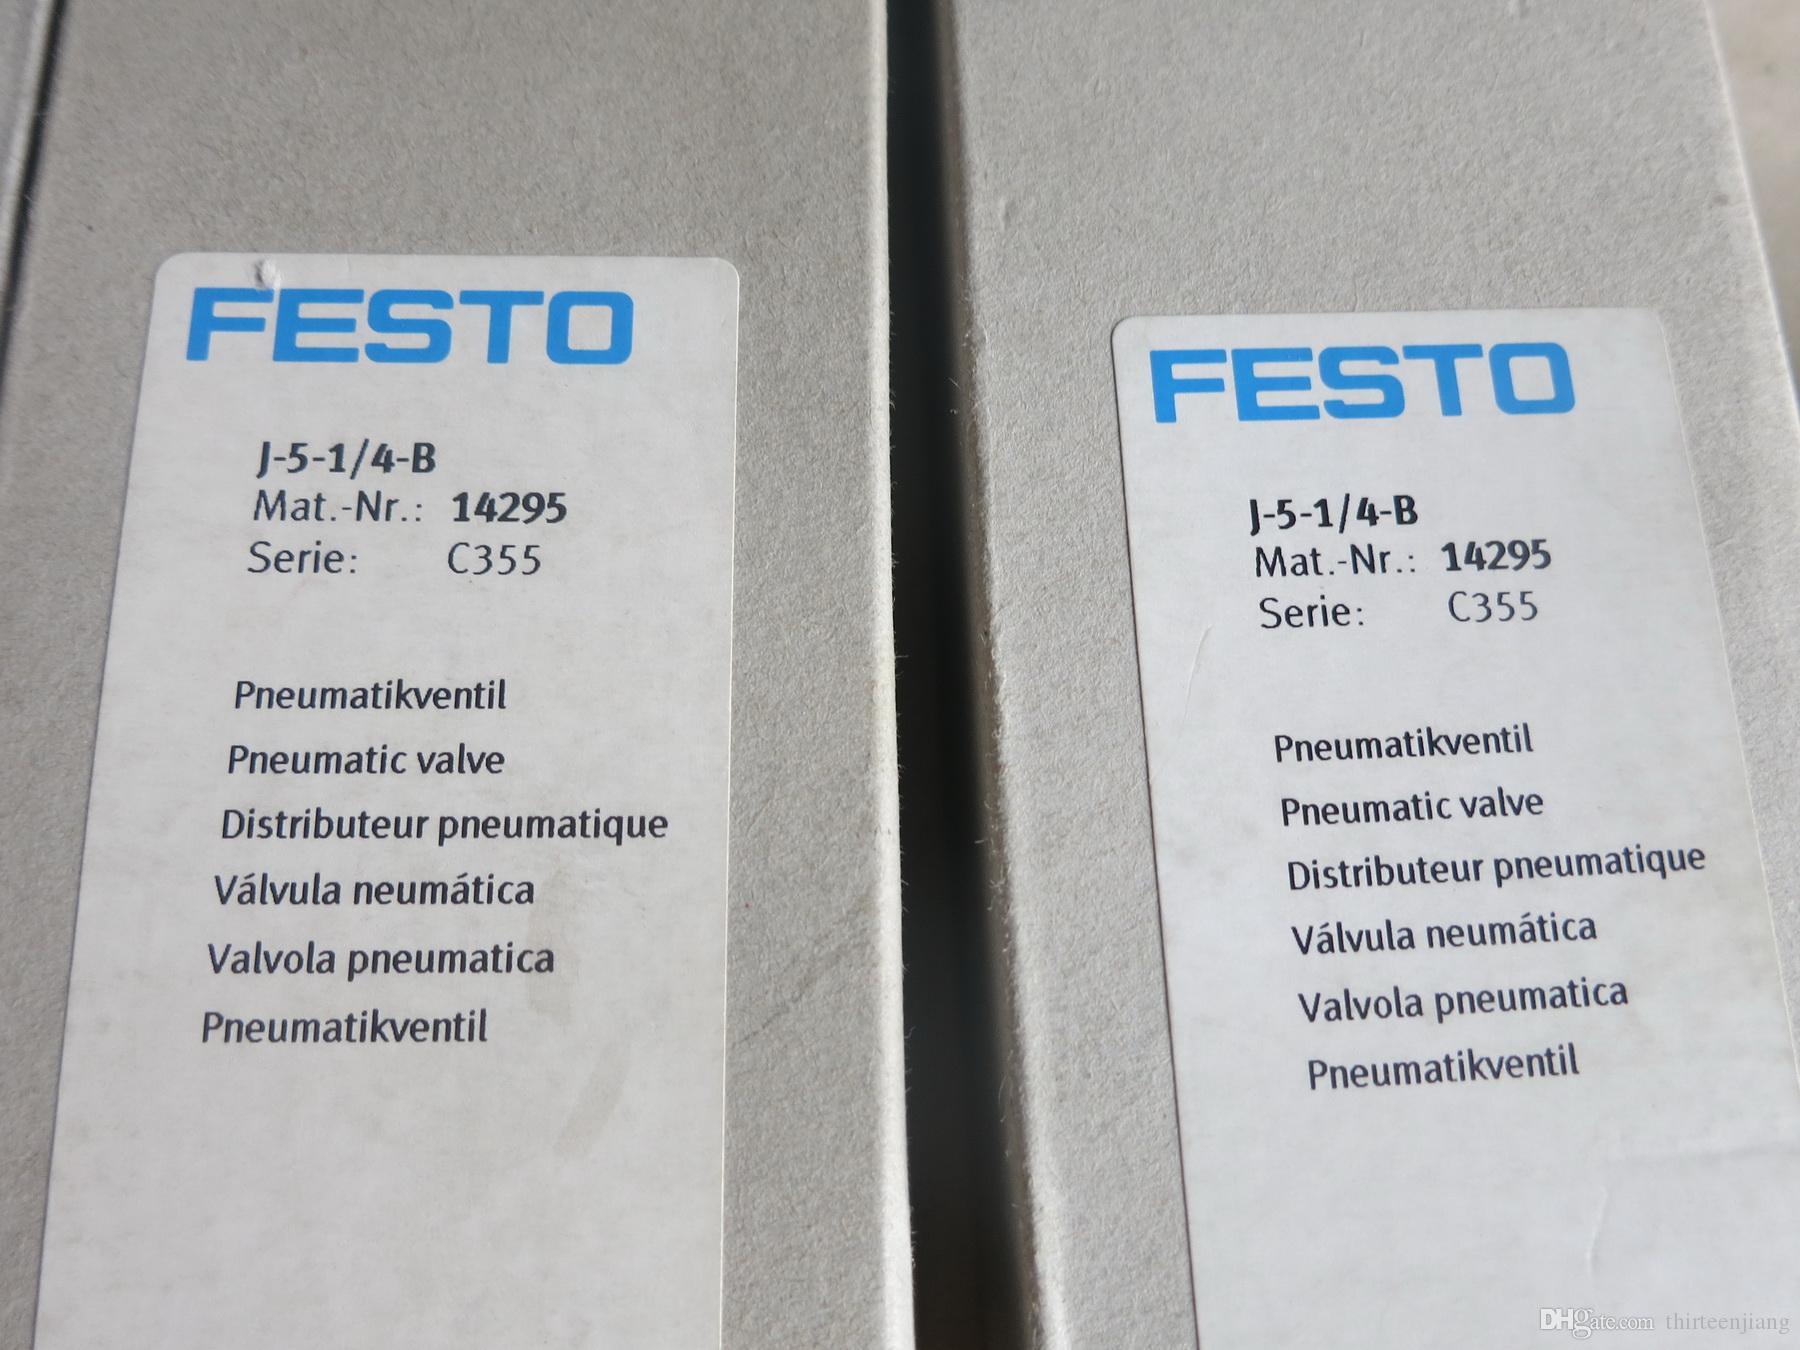 1 cylindre original Festo J-5-1 / 4-B Festo neuf, dans la boîte, expédition gratuite